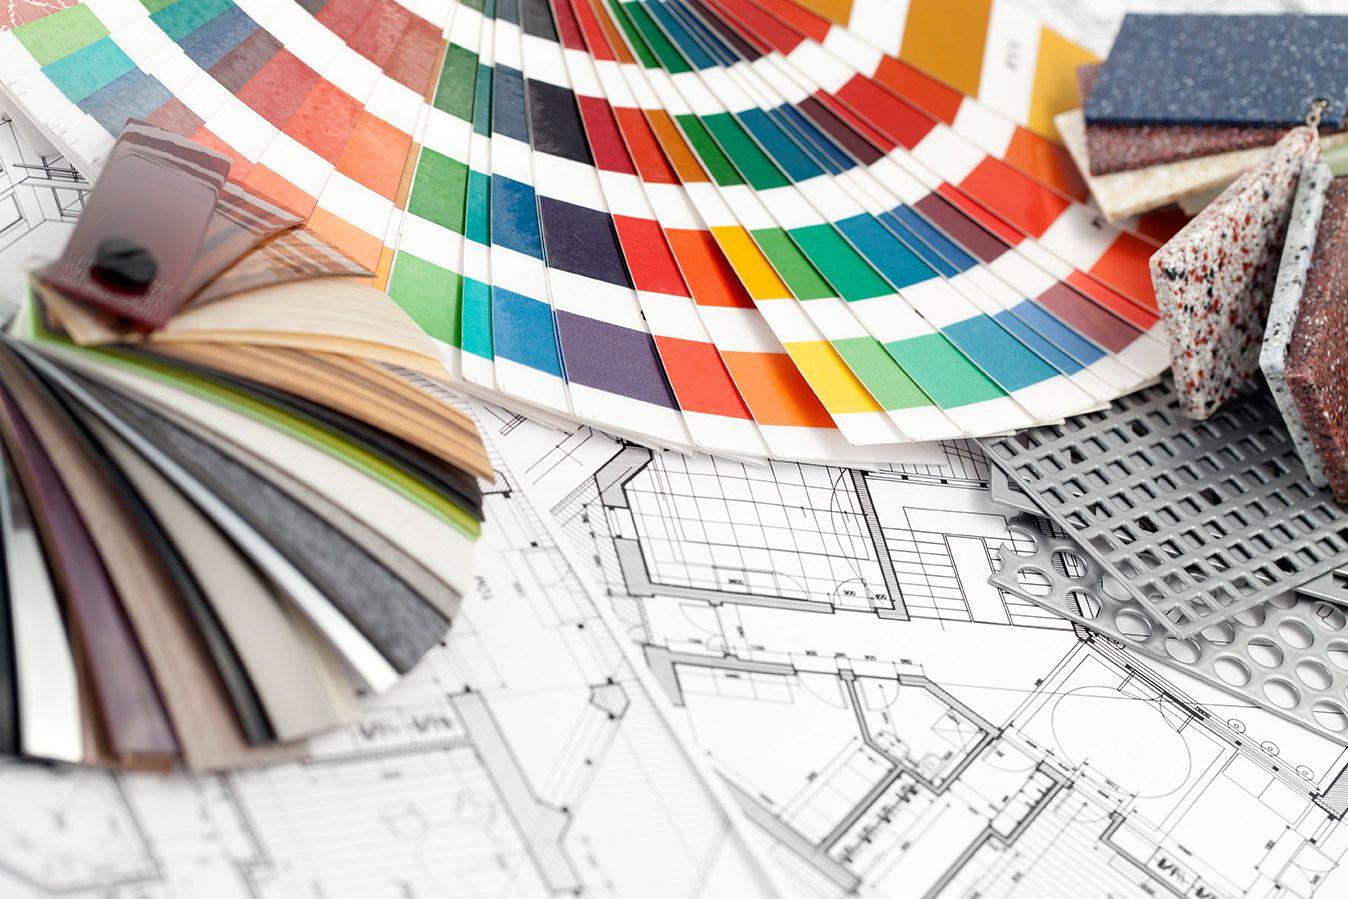 diseñador de interiores trabajando - Google Search